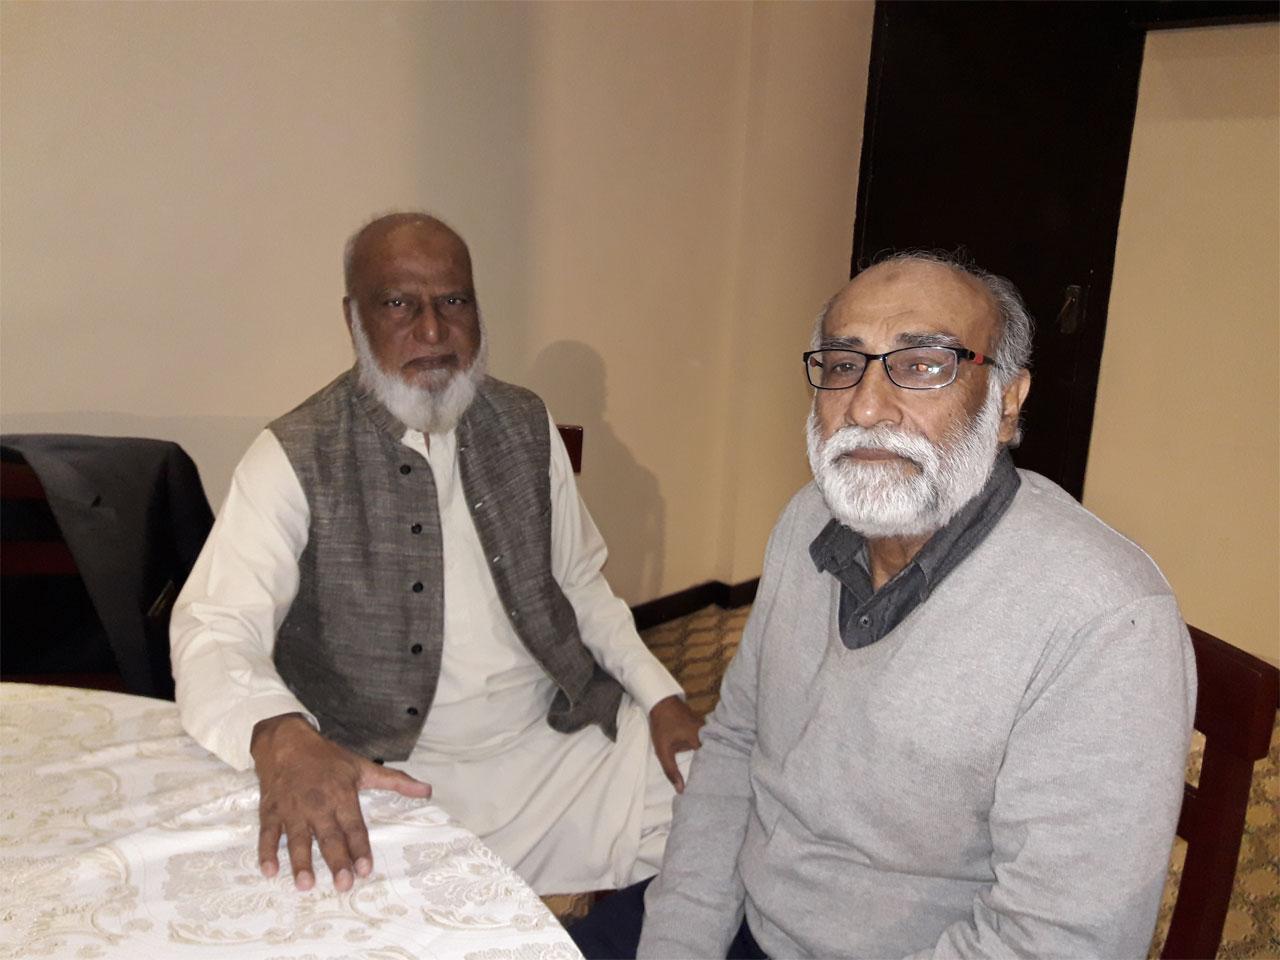 Shahid Yaqoob, Waseem Qasmi